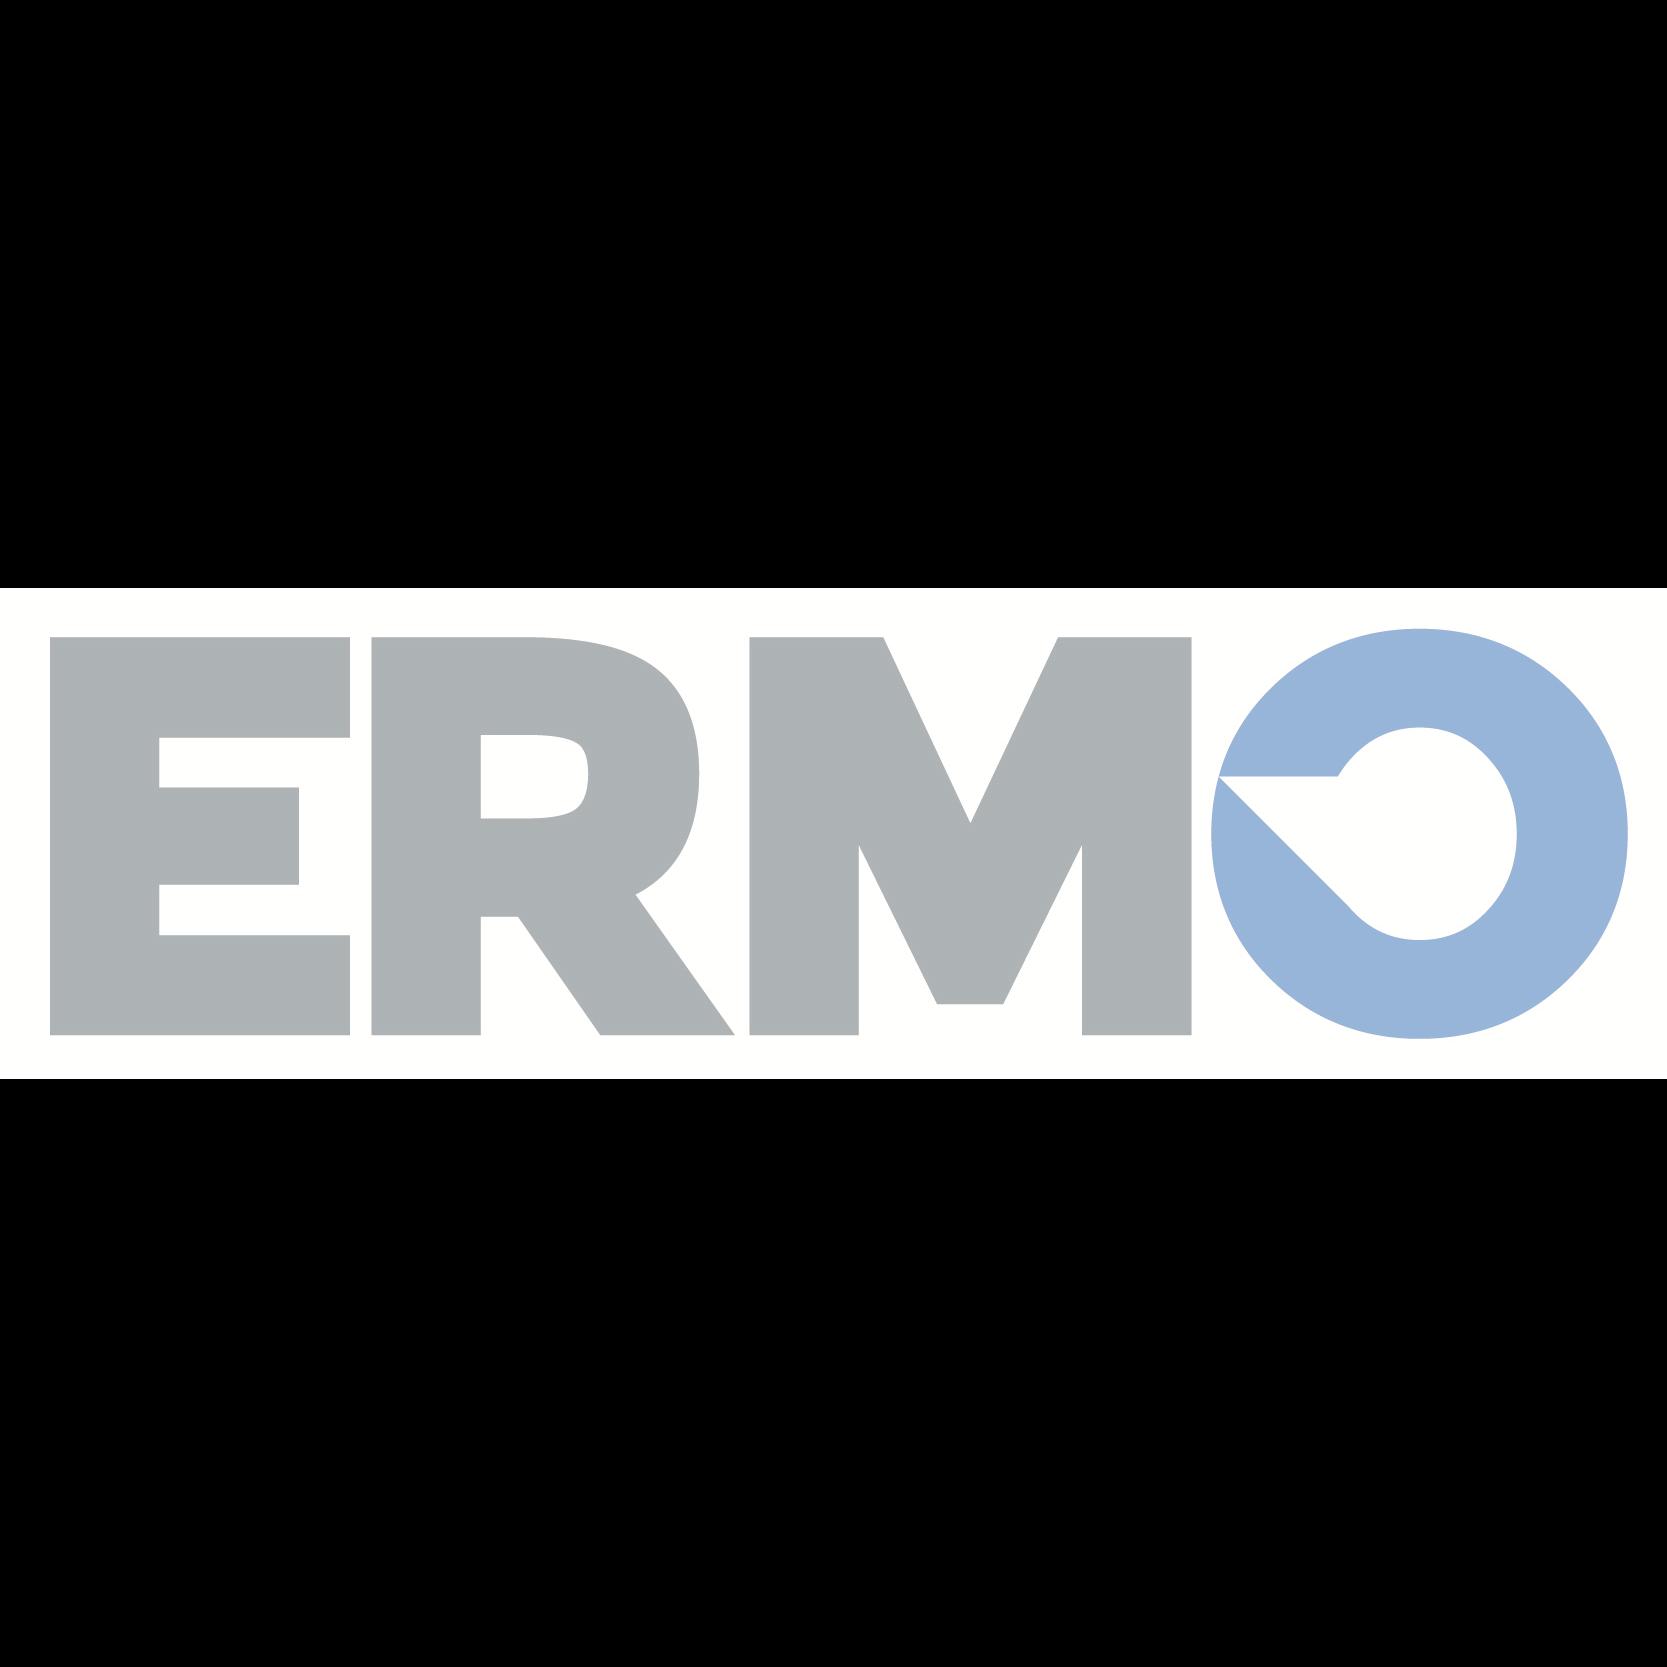 ERMO: Logo